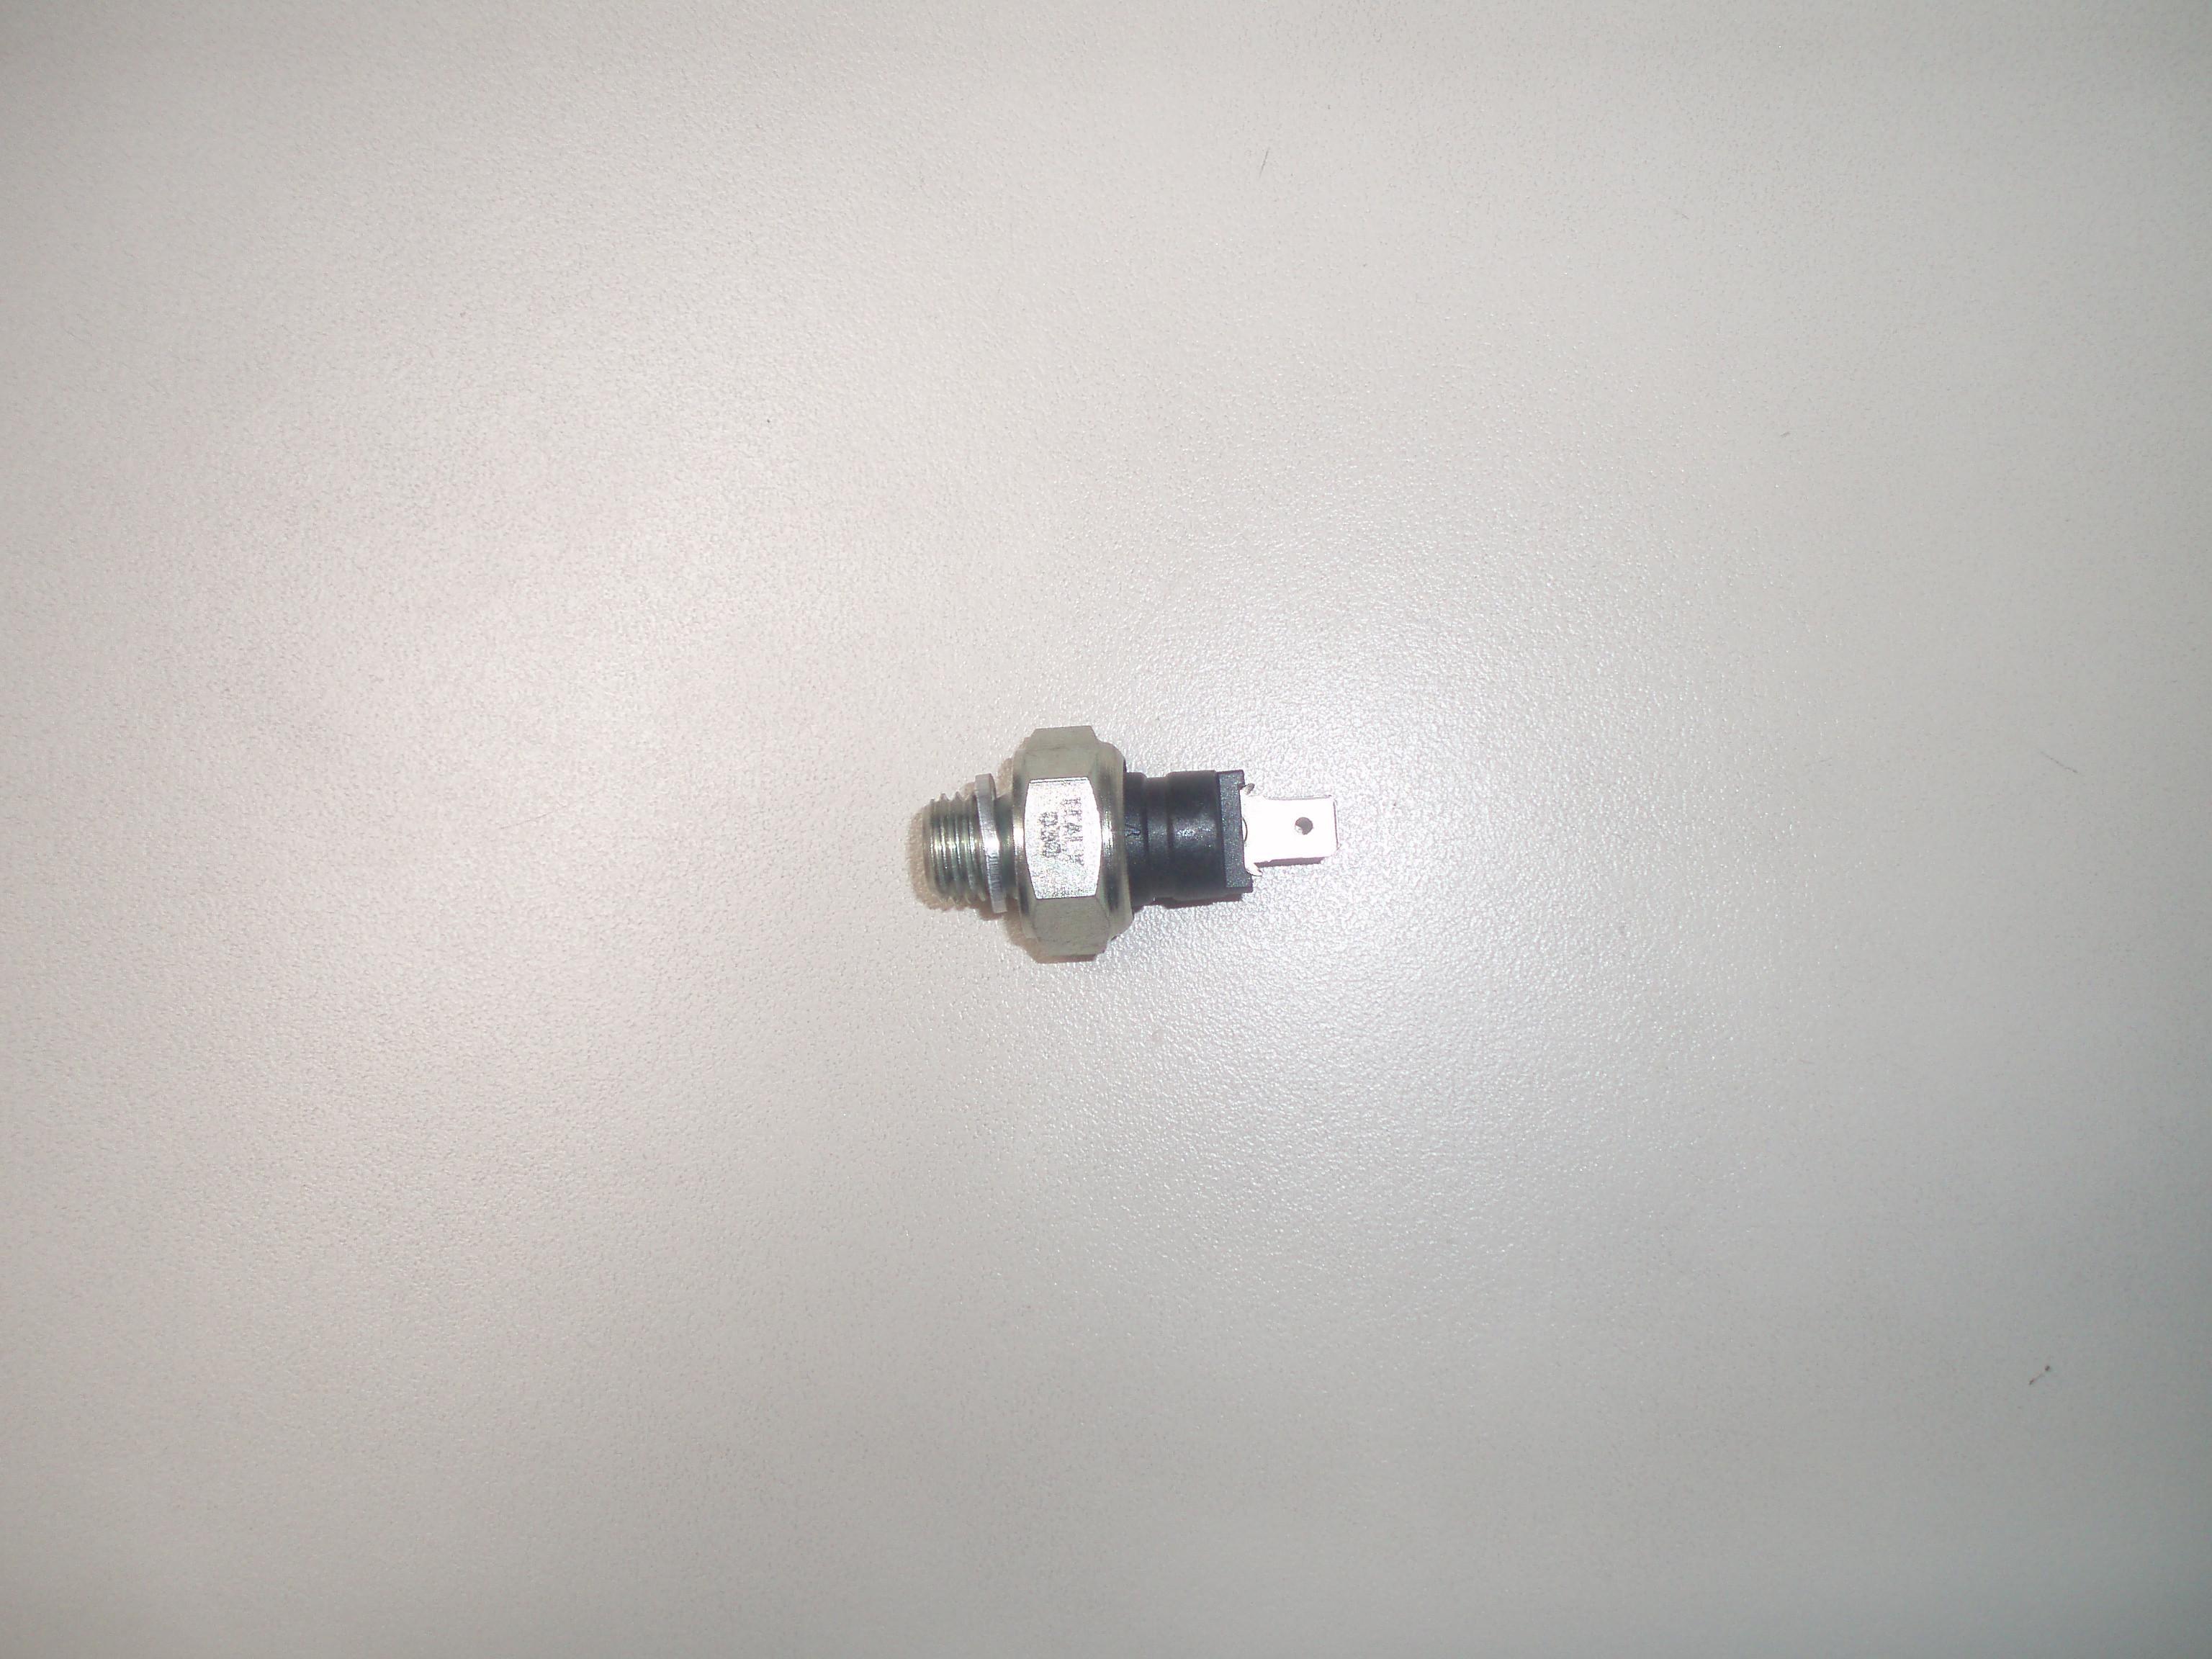 Sonde huile LOMBARDINI CHD FOCS 3LD 5LD 6LD 7LD 8LD 9LD 10LD 11LD 12LD LDW442 LDW492 (0.3 bar M12) 6745050 - 6745093 ED0067450930-S